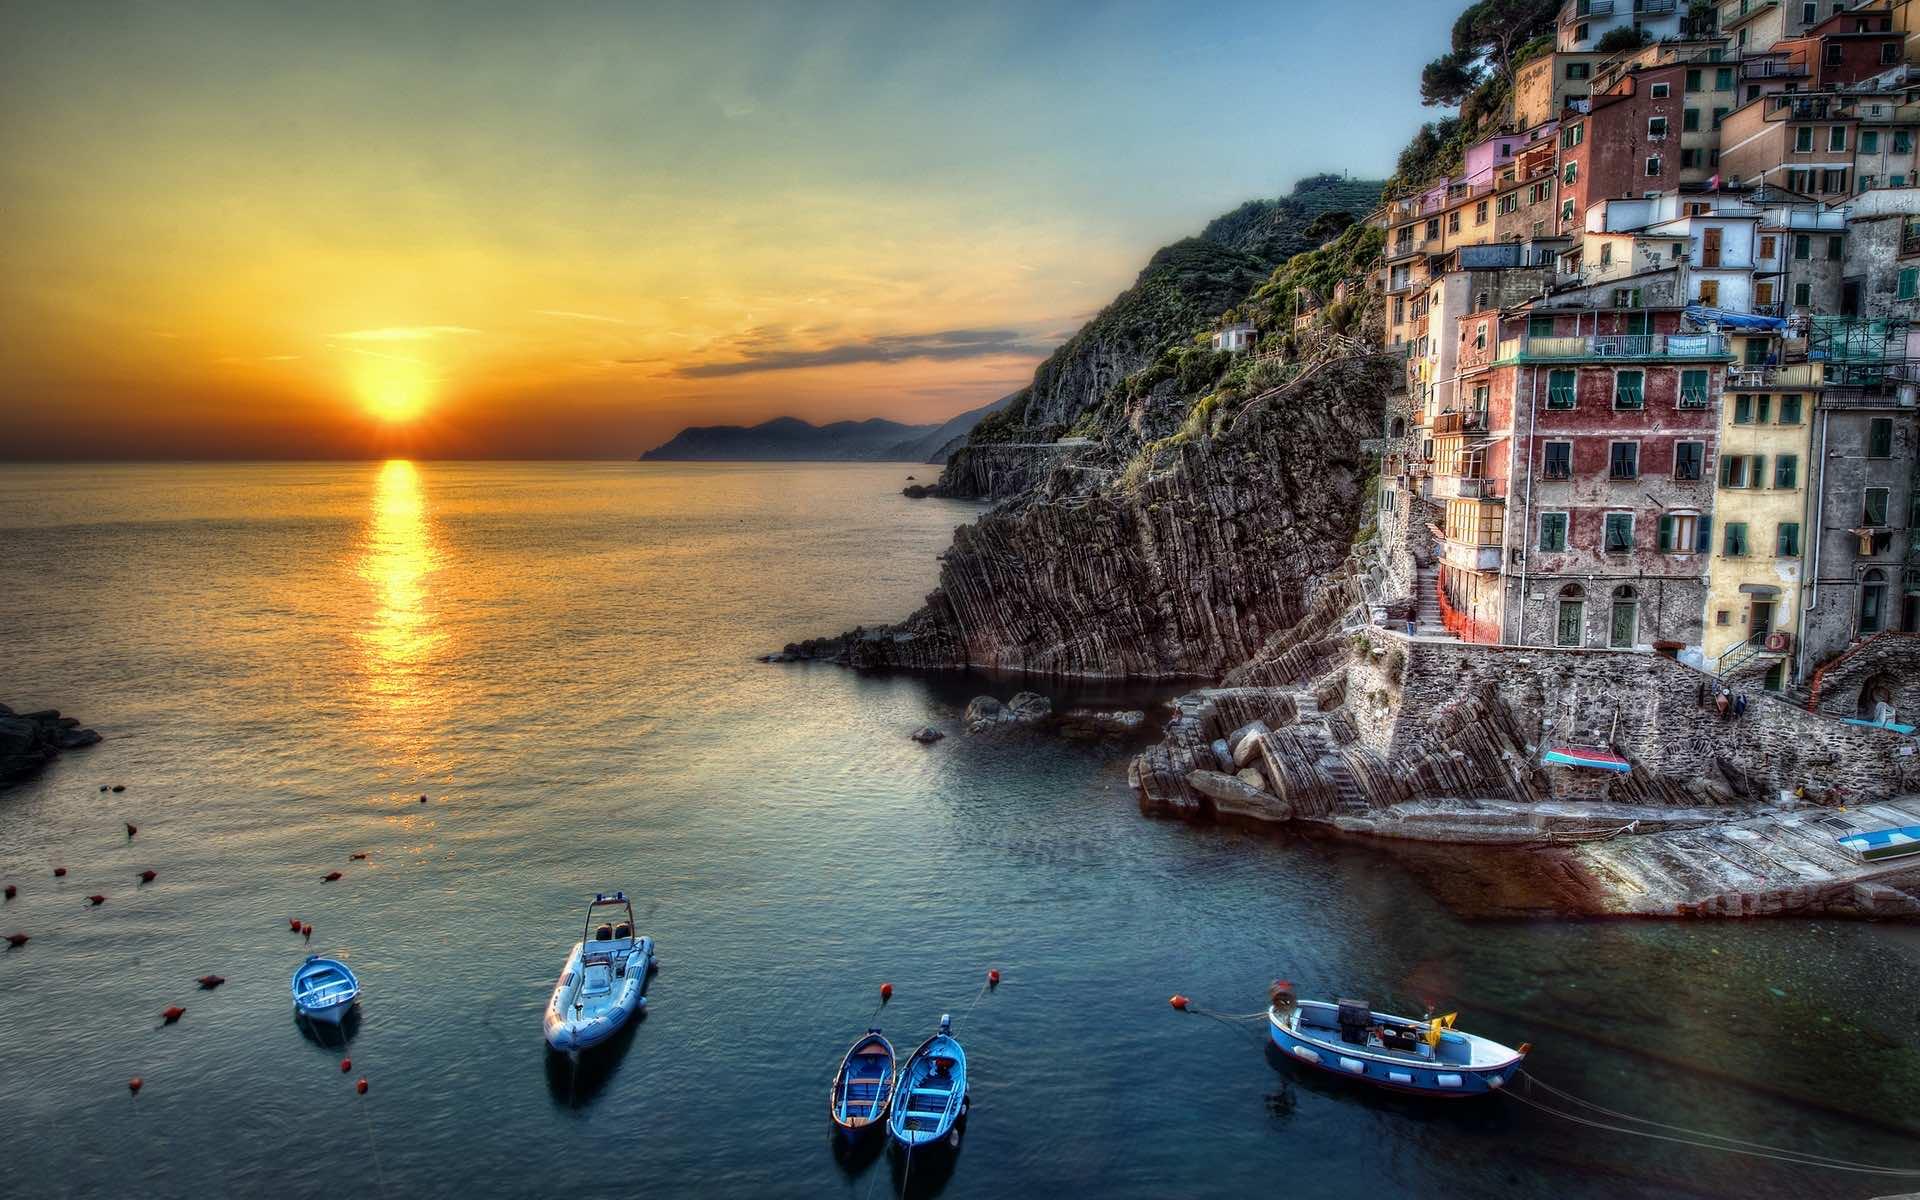 Italy wallpaper 6